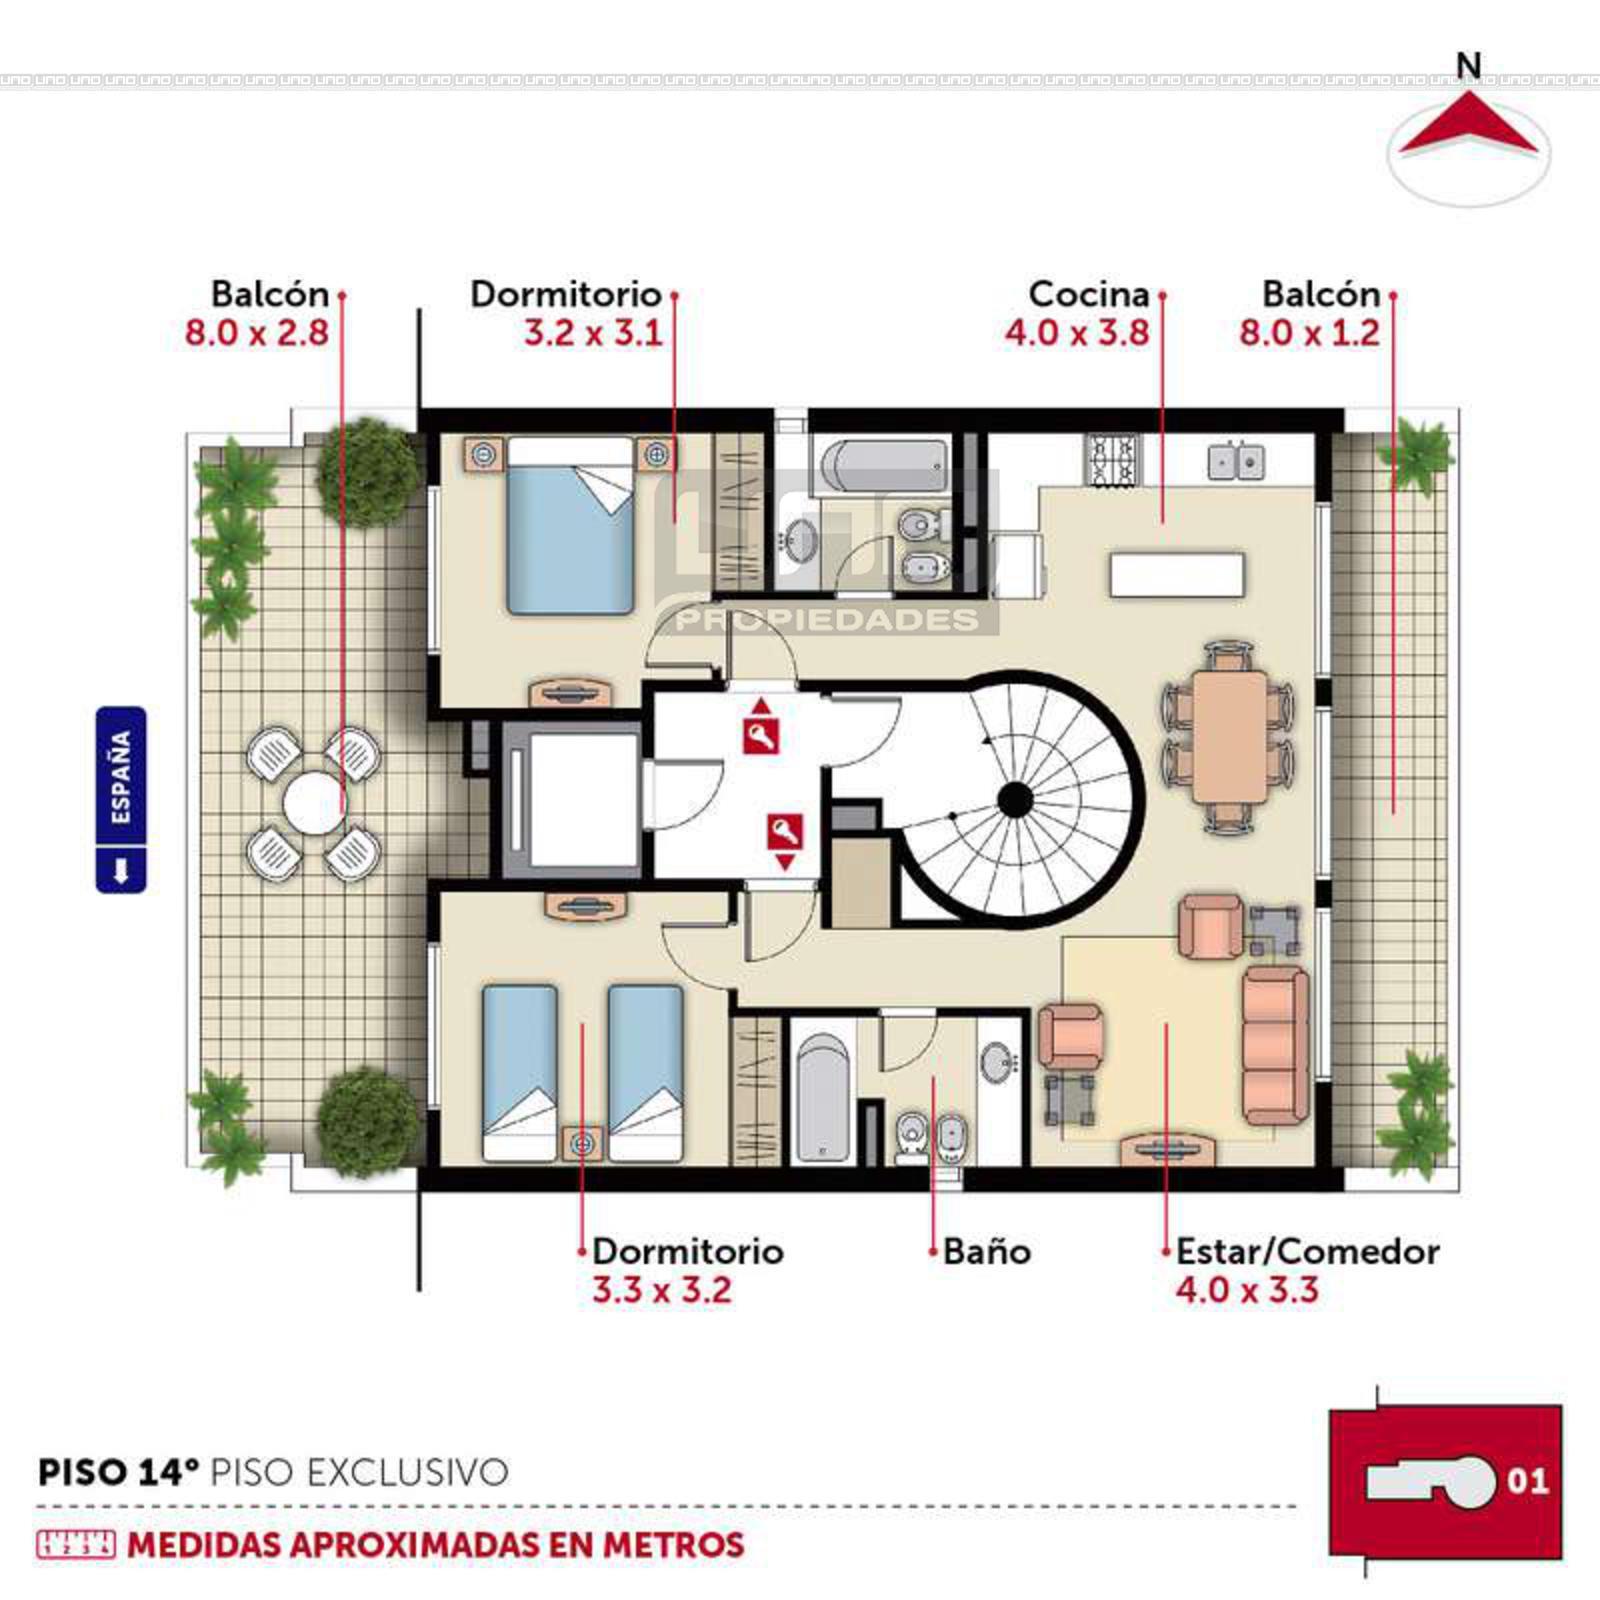 Plano de departamento de 1 dormitorio con balcon for Plano departamento 2 dormitorios